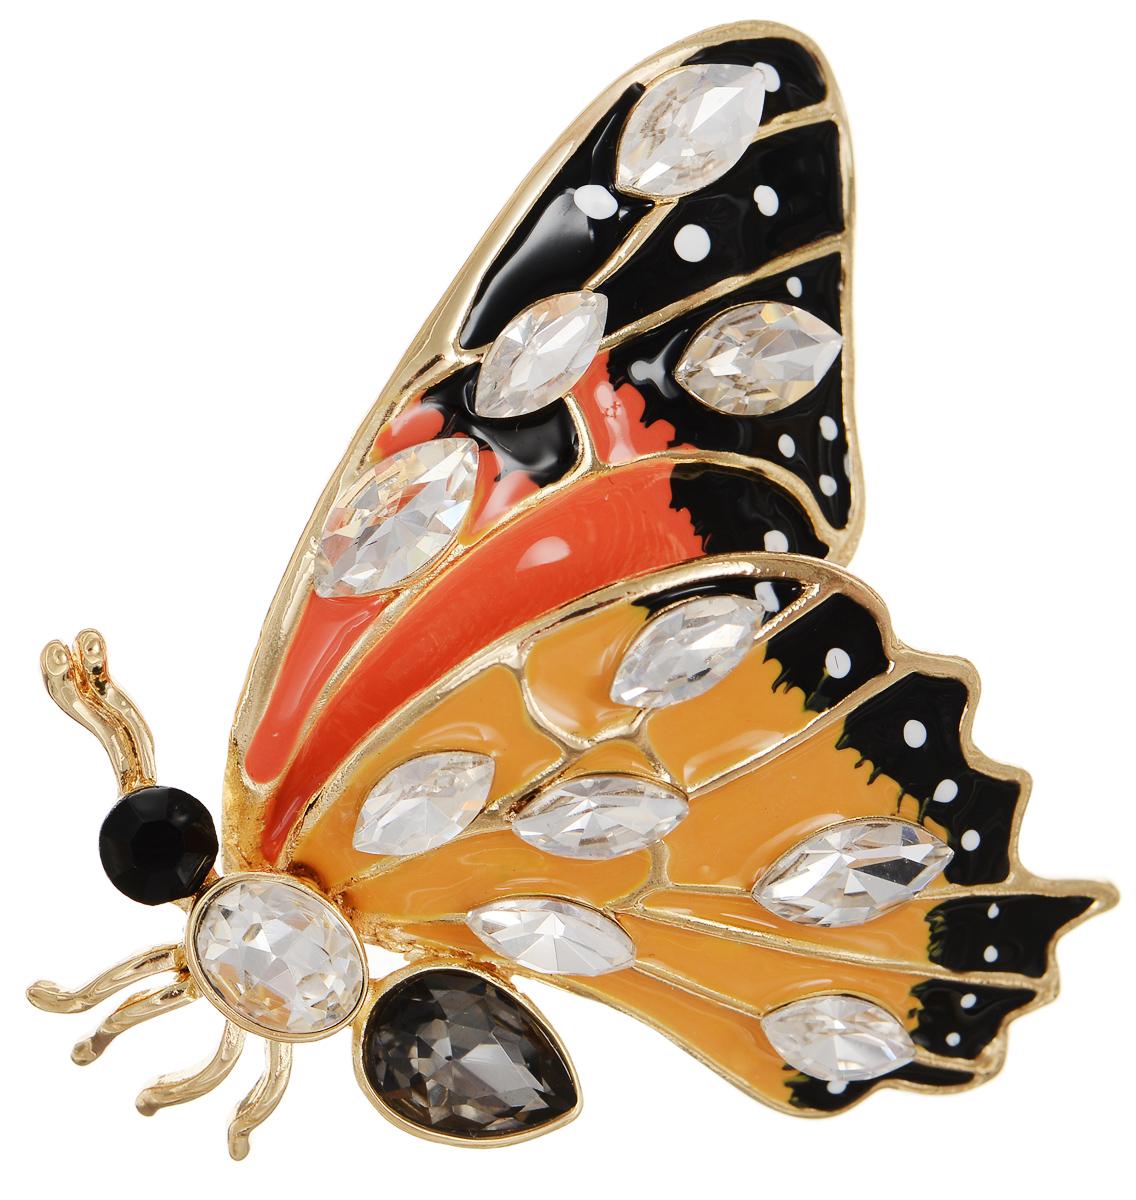 Брошь Selena Street Fashion, цвет: золотистый, оранжевый, черный. 3002685030026850Роскошная брошь Selena Street Fashion изготовлена из латуни с золотистым покрытием в виде бабочки. Брошь покрыта эмалью и оформлена кристаллами Preciosa. Изделие крепится с помощью замка-булавки. Такая брошь позволит вам с легкостью воплотить самую смелую фантазию и создать собственный неповторимый образ.